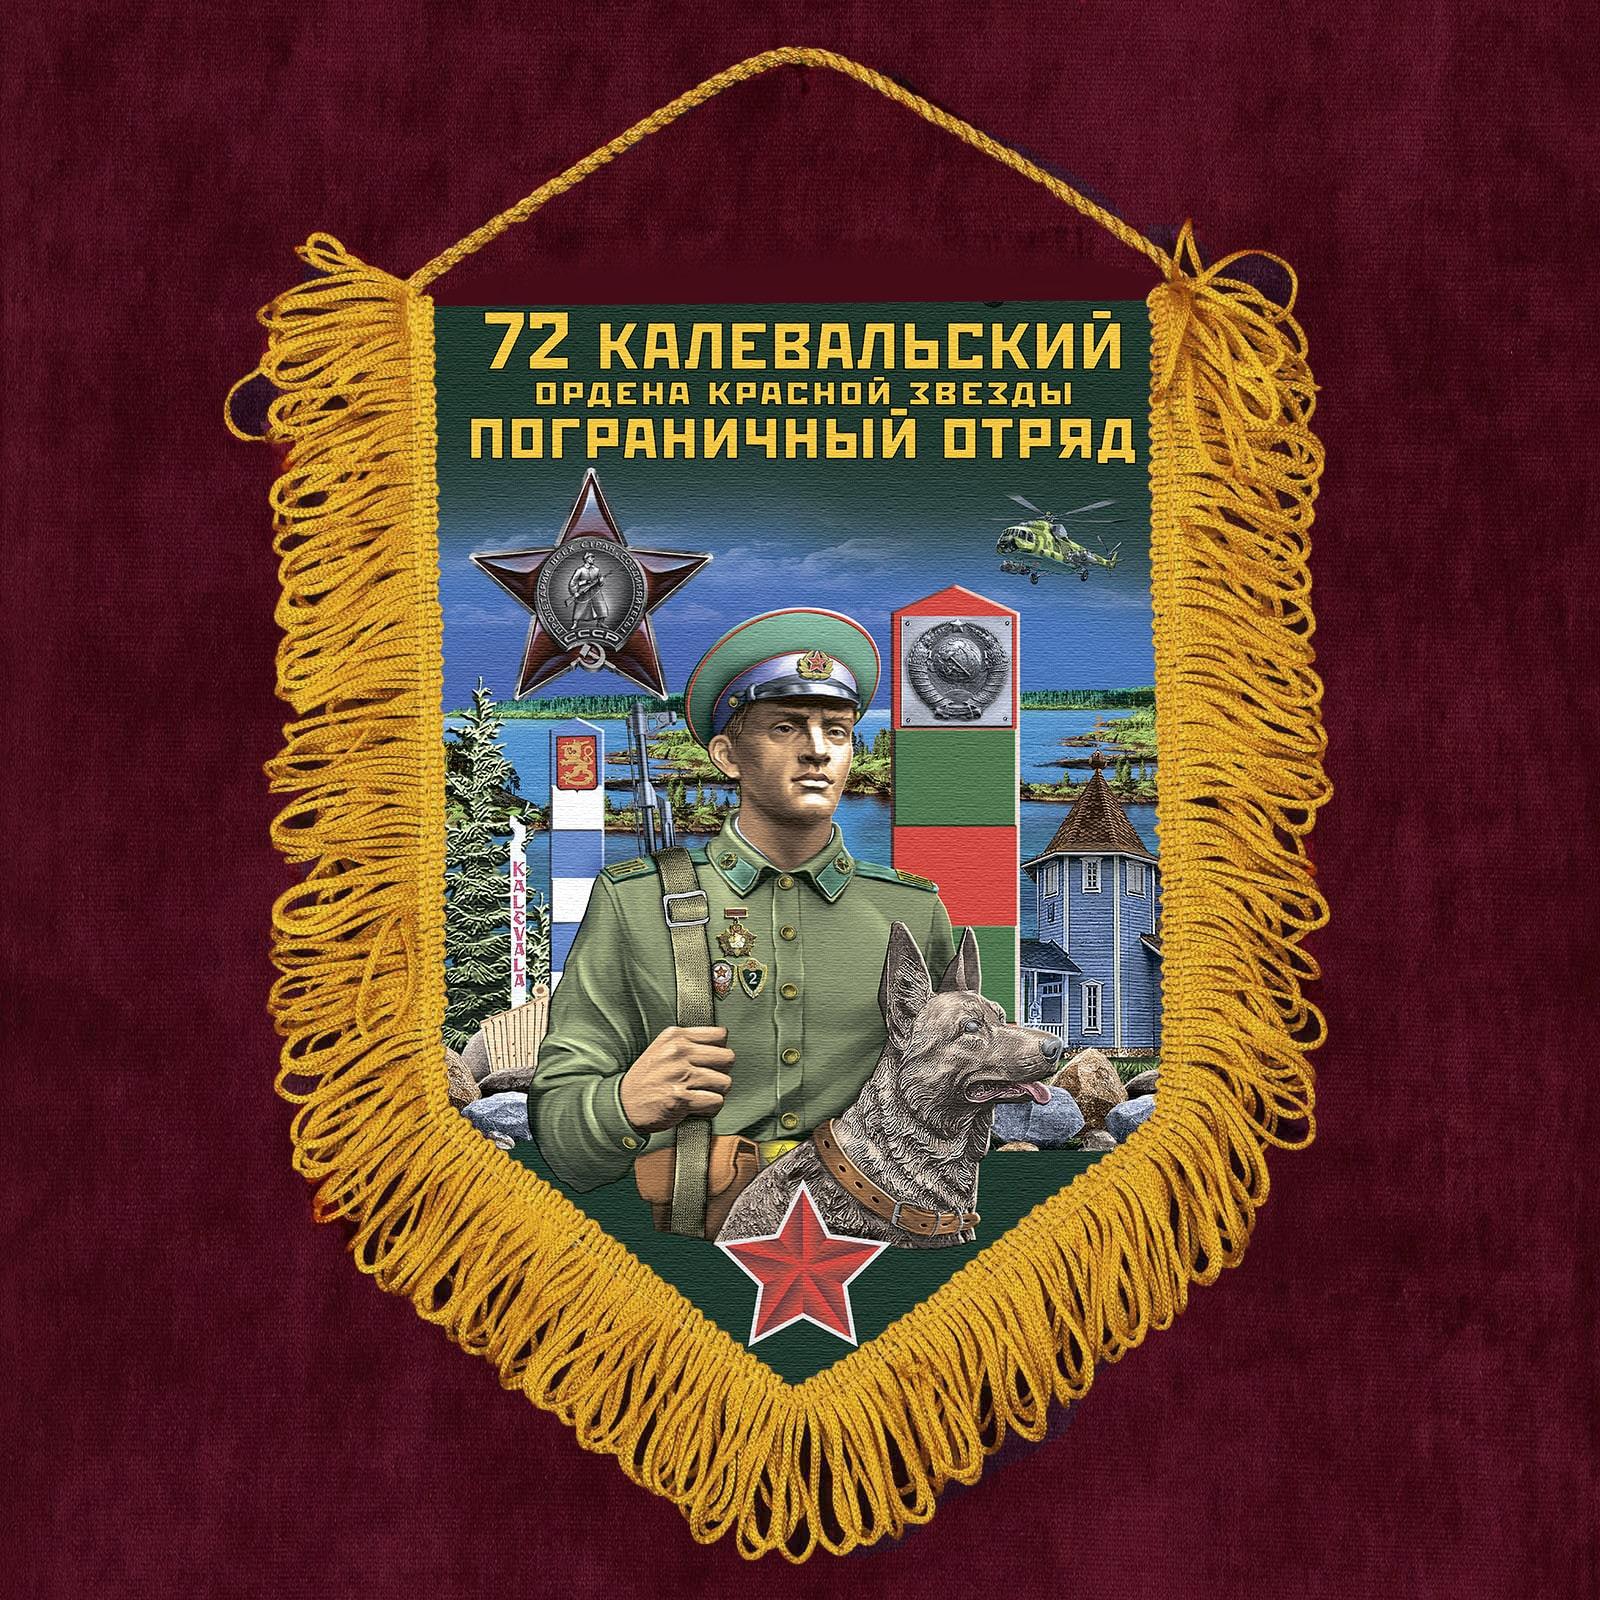 Подарочный вымпел 72 Калевальский пограничный отряд